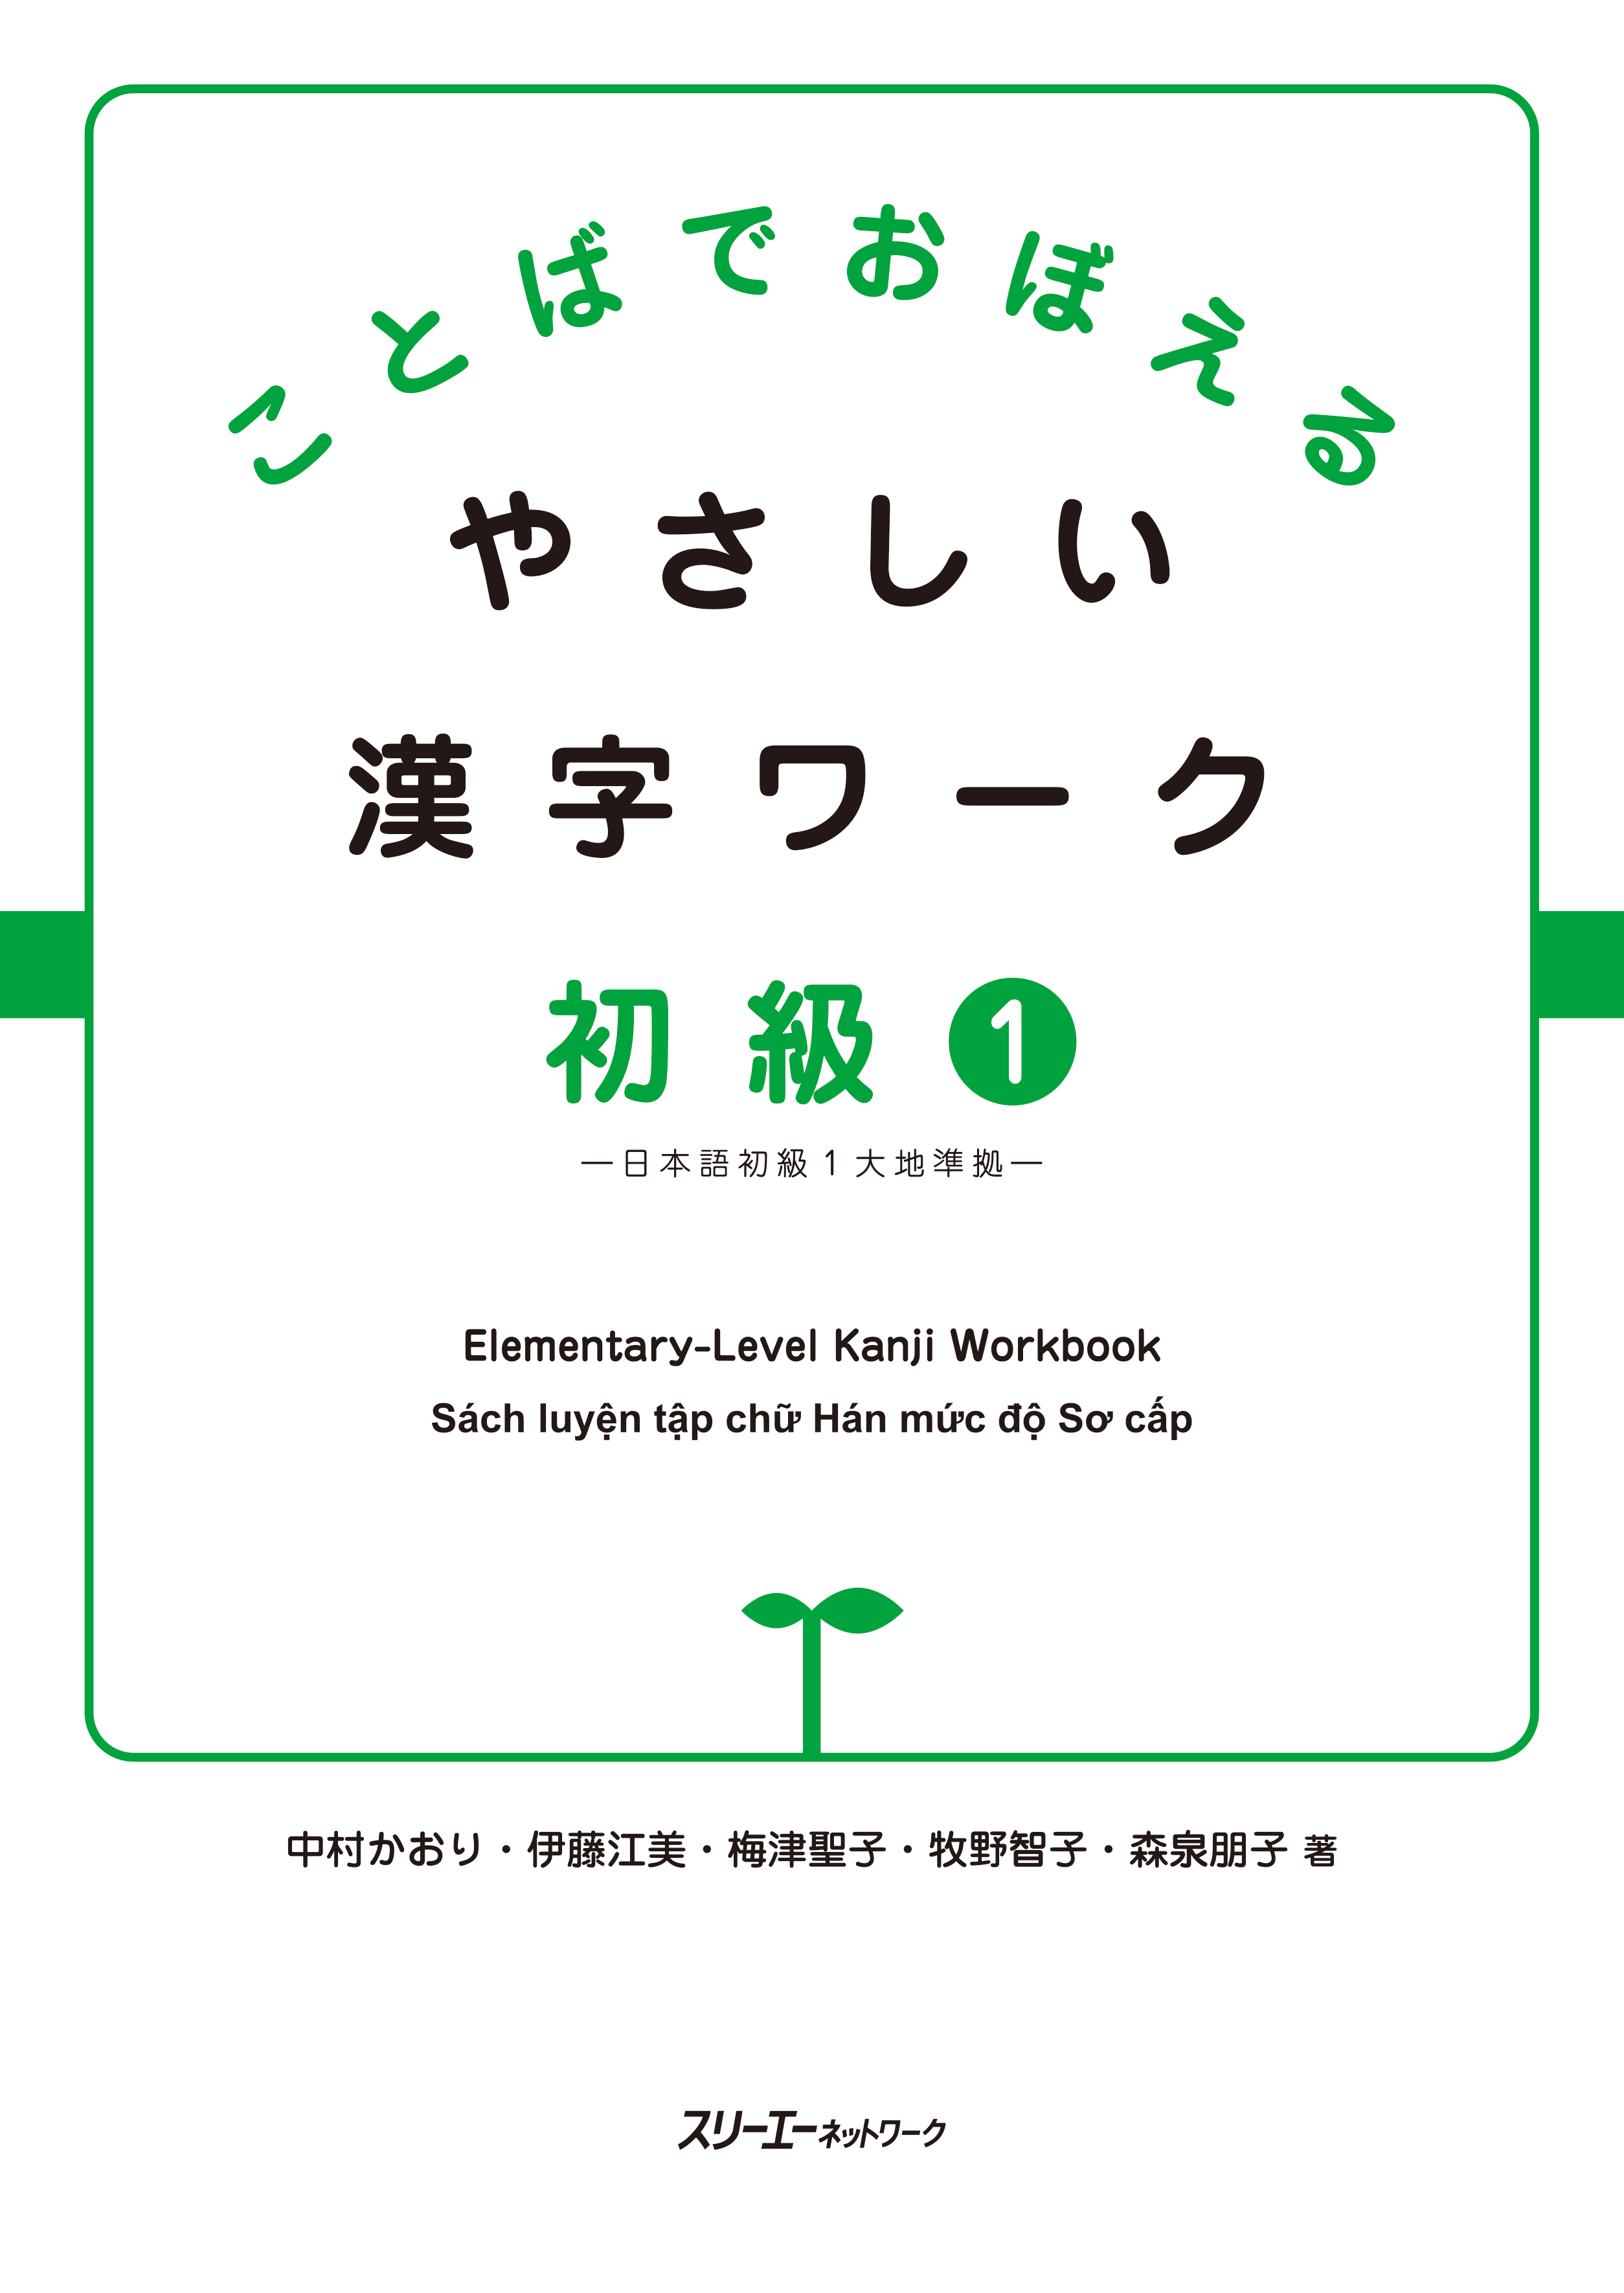 ことばでおぼえる やさしい漢字ワーク 初級1-日本語初級1大地準拠- 画像